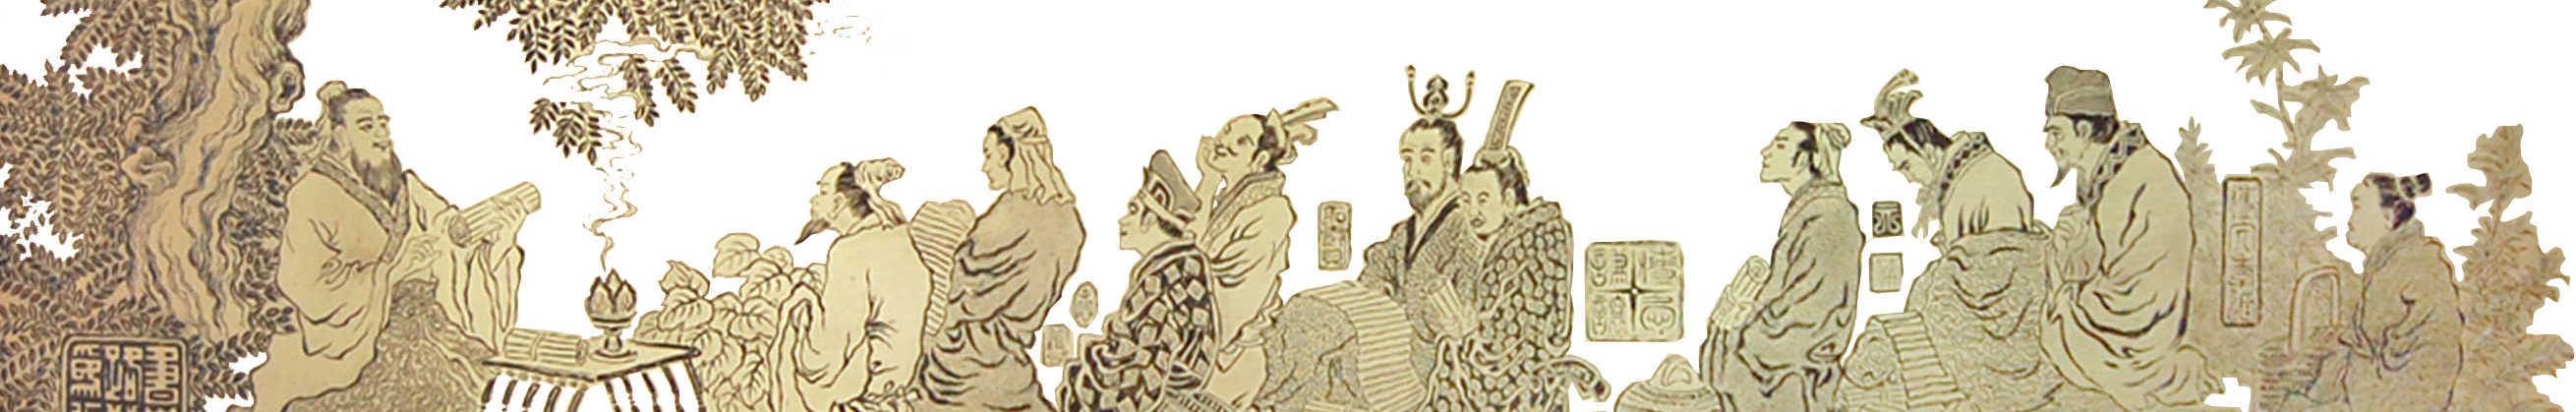 西边汉阳 banner